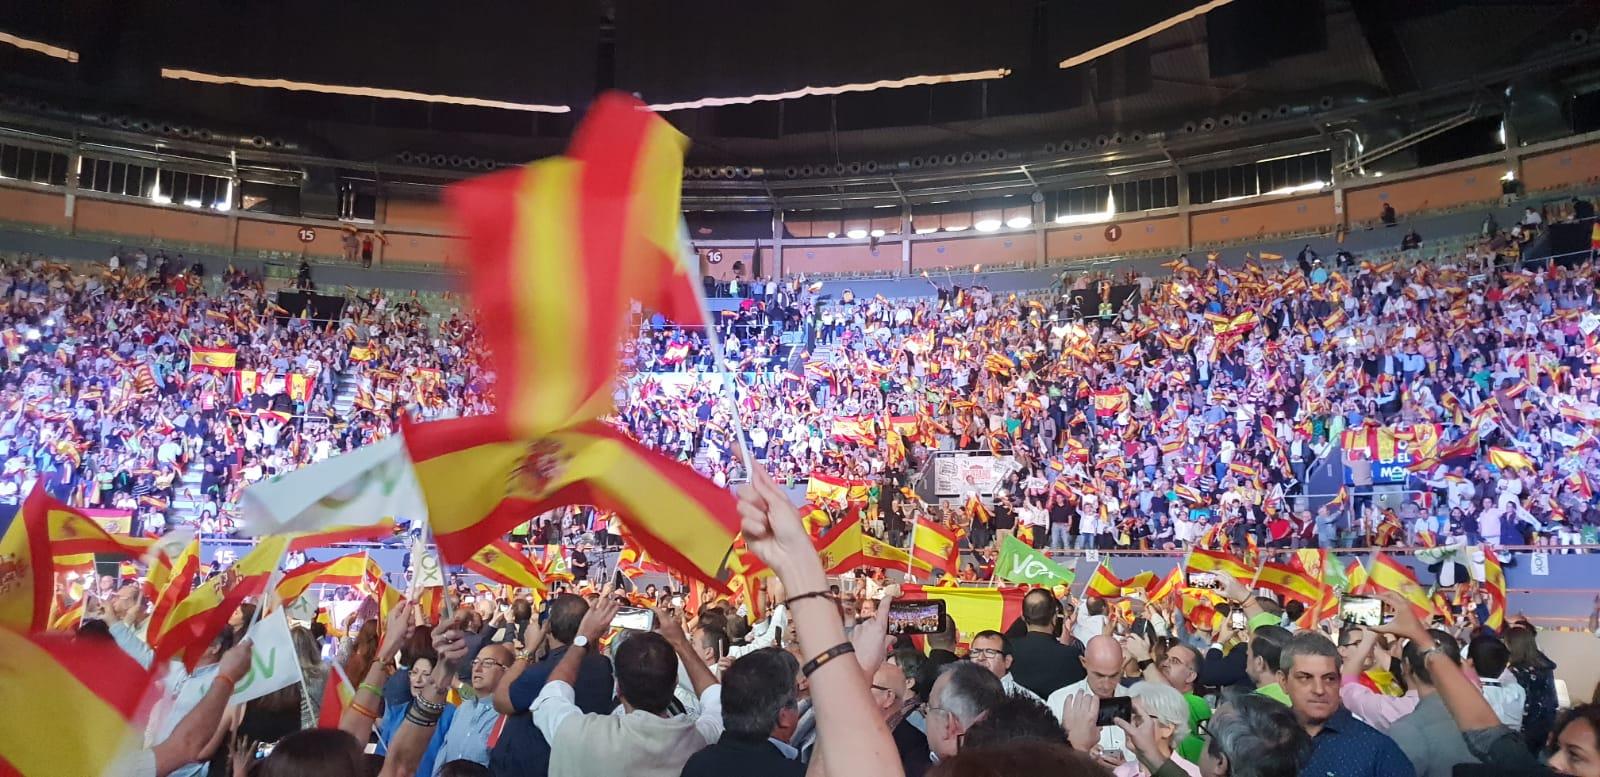 VOX León considera todo un éxito la fiesta de Vistalegre - Noticias ... dfd14e259c5